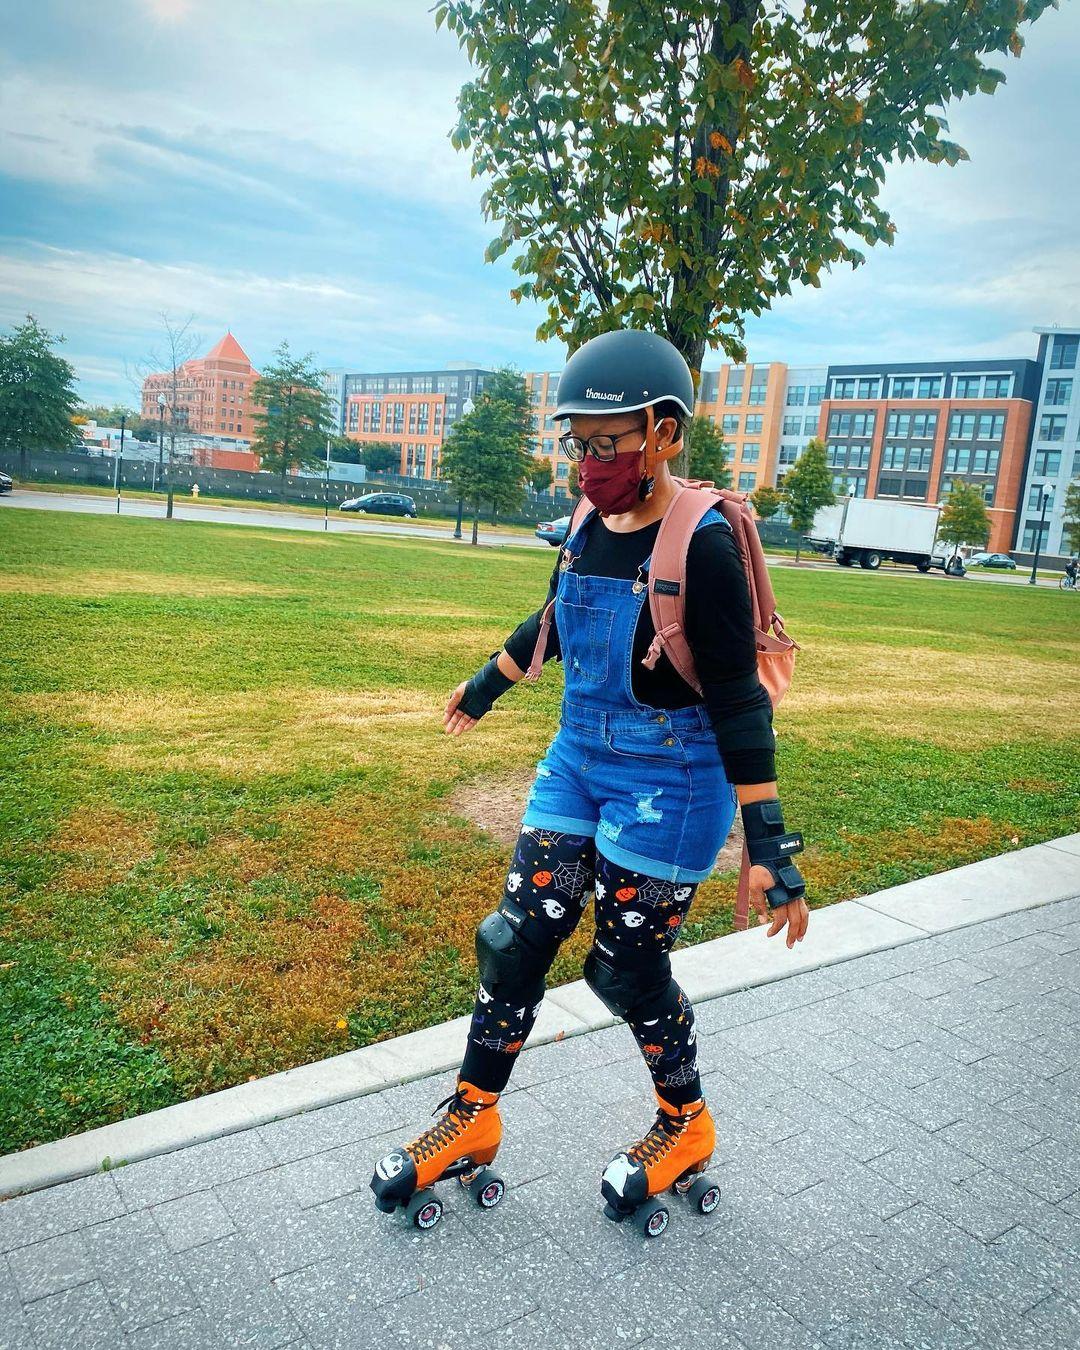 roller skater wearing a black skate helmet